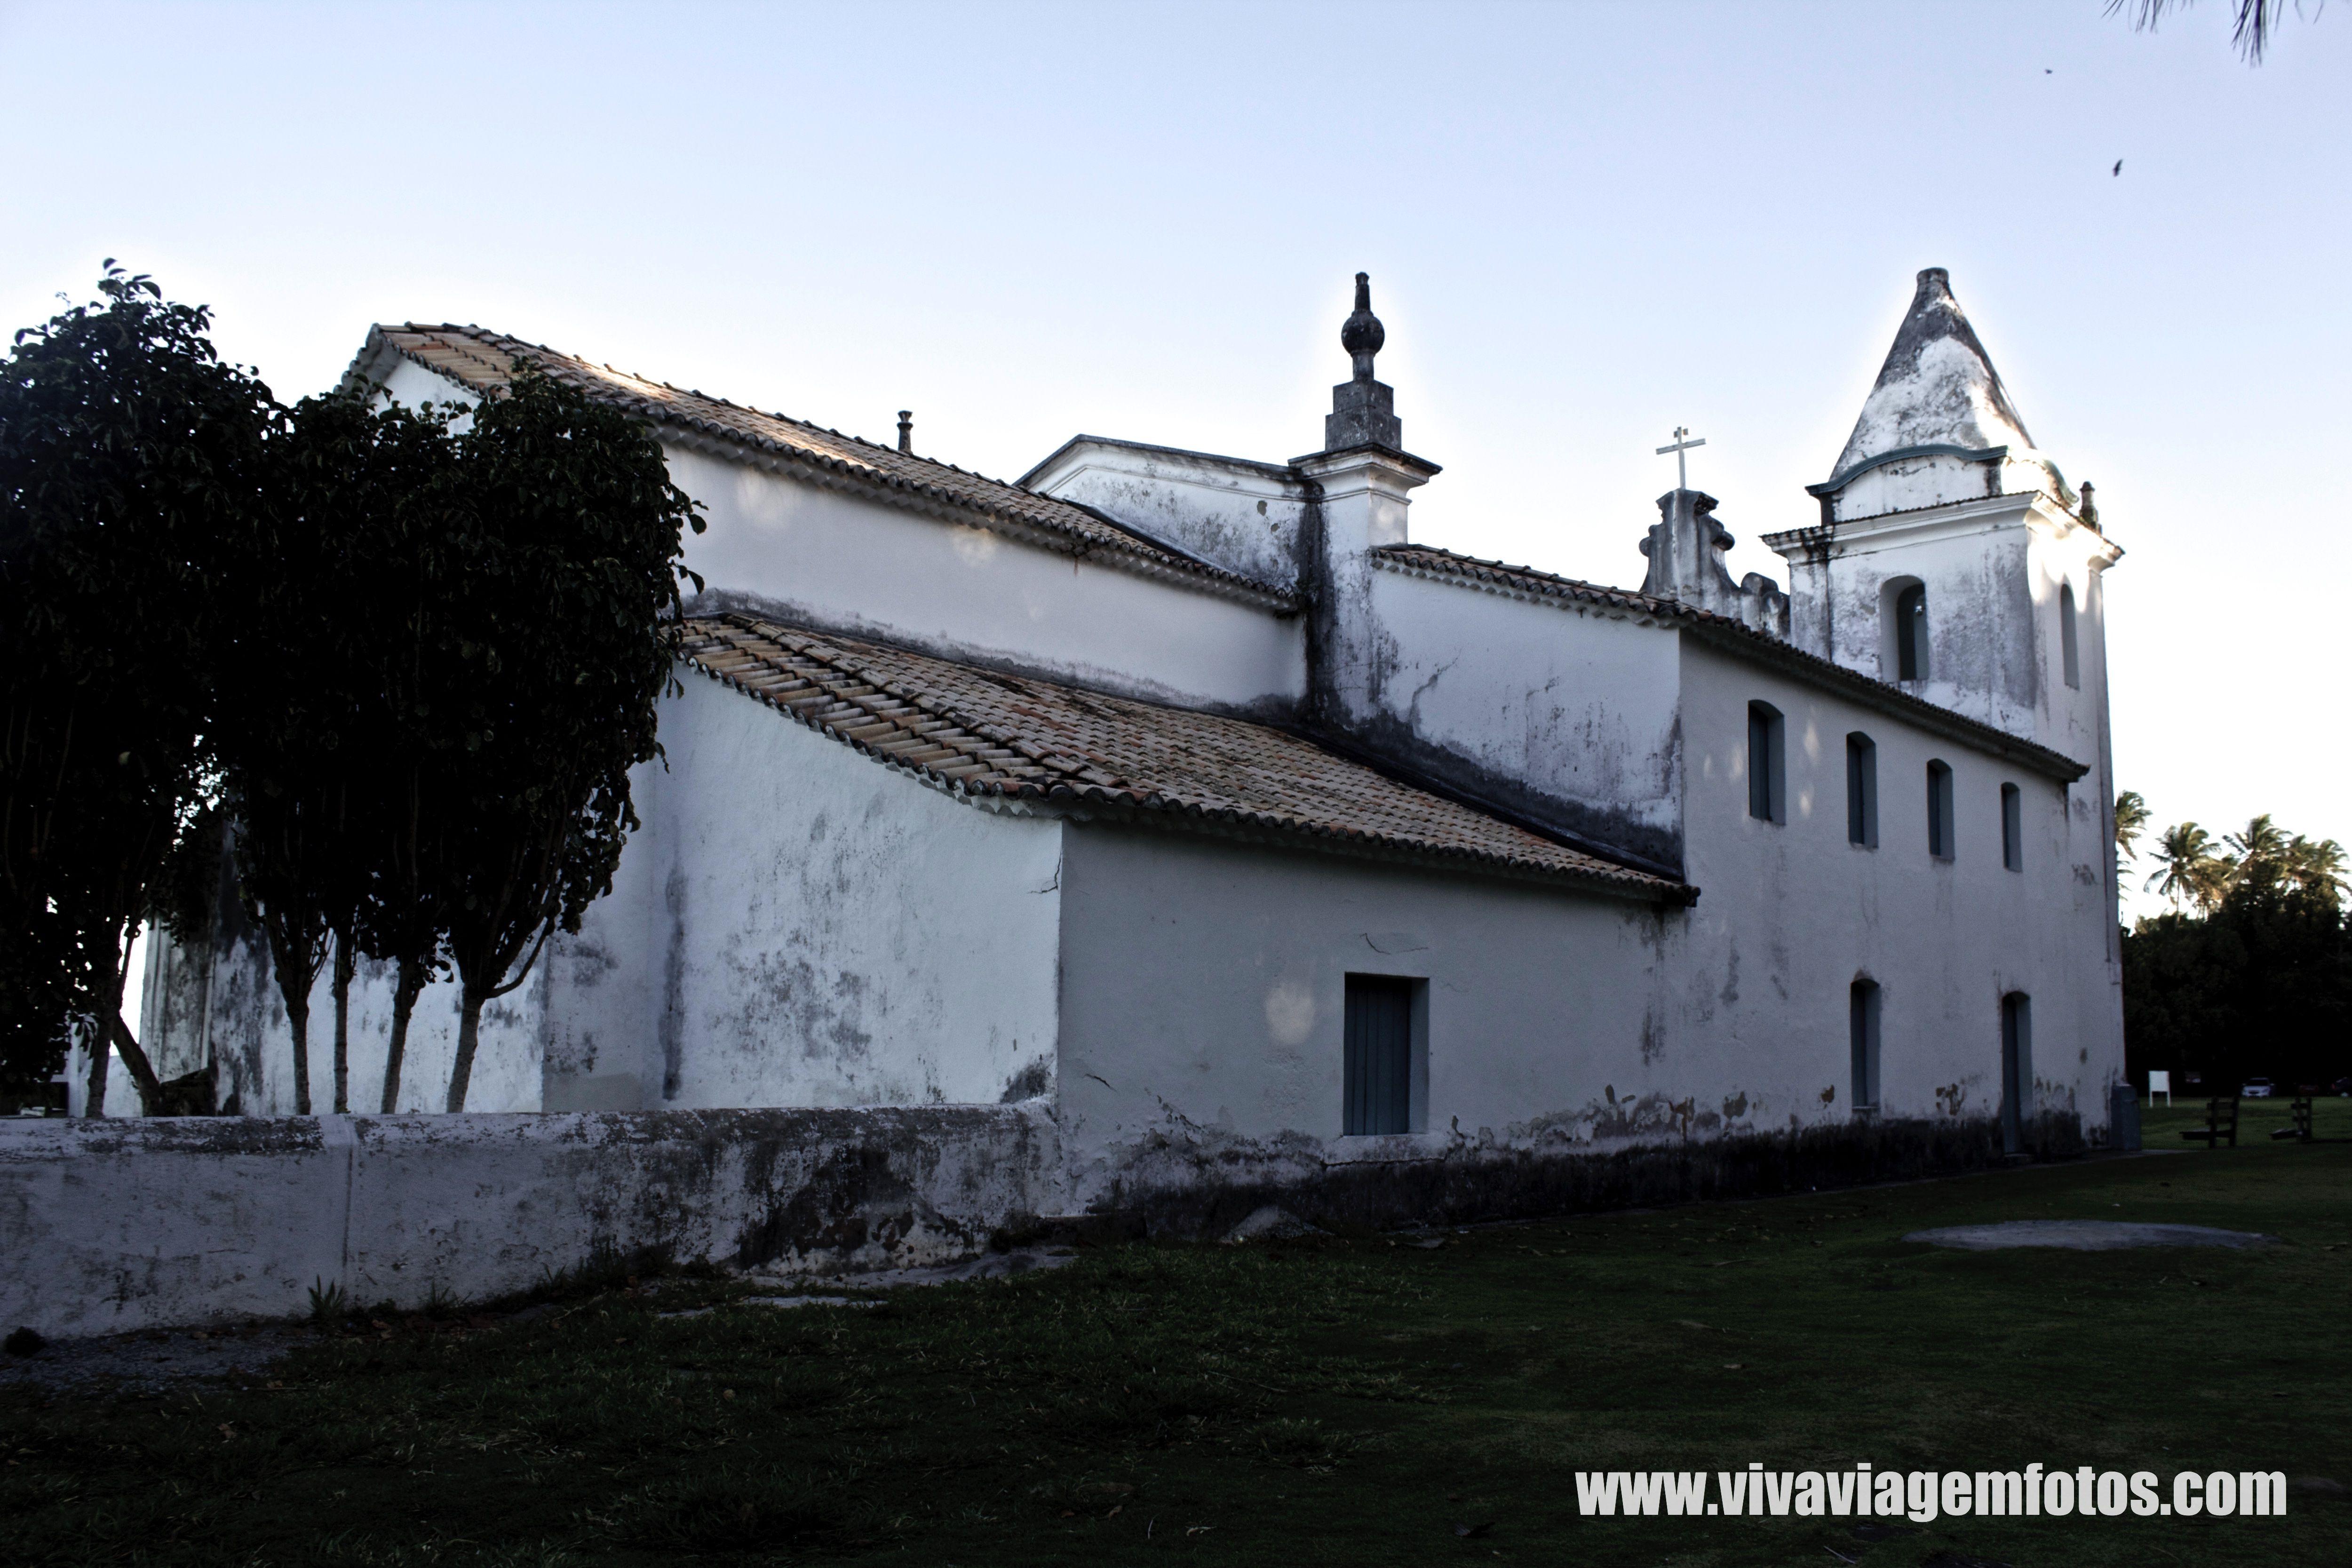 Igreja de Nossa Senhora da Conceicao, Construida no seculo XVII, esta localizada na Cidade de Santa Cruz de Cabralia - Bahia.